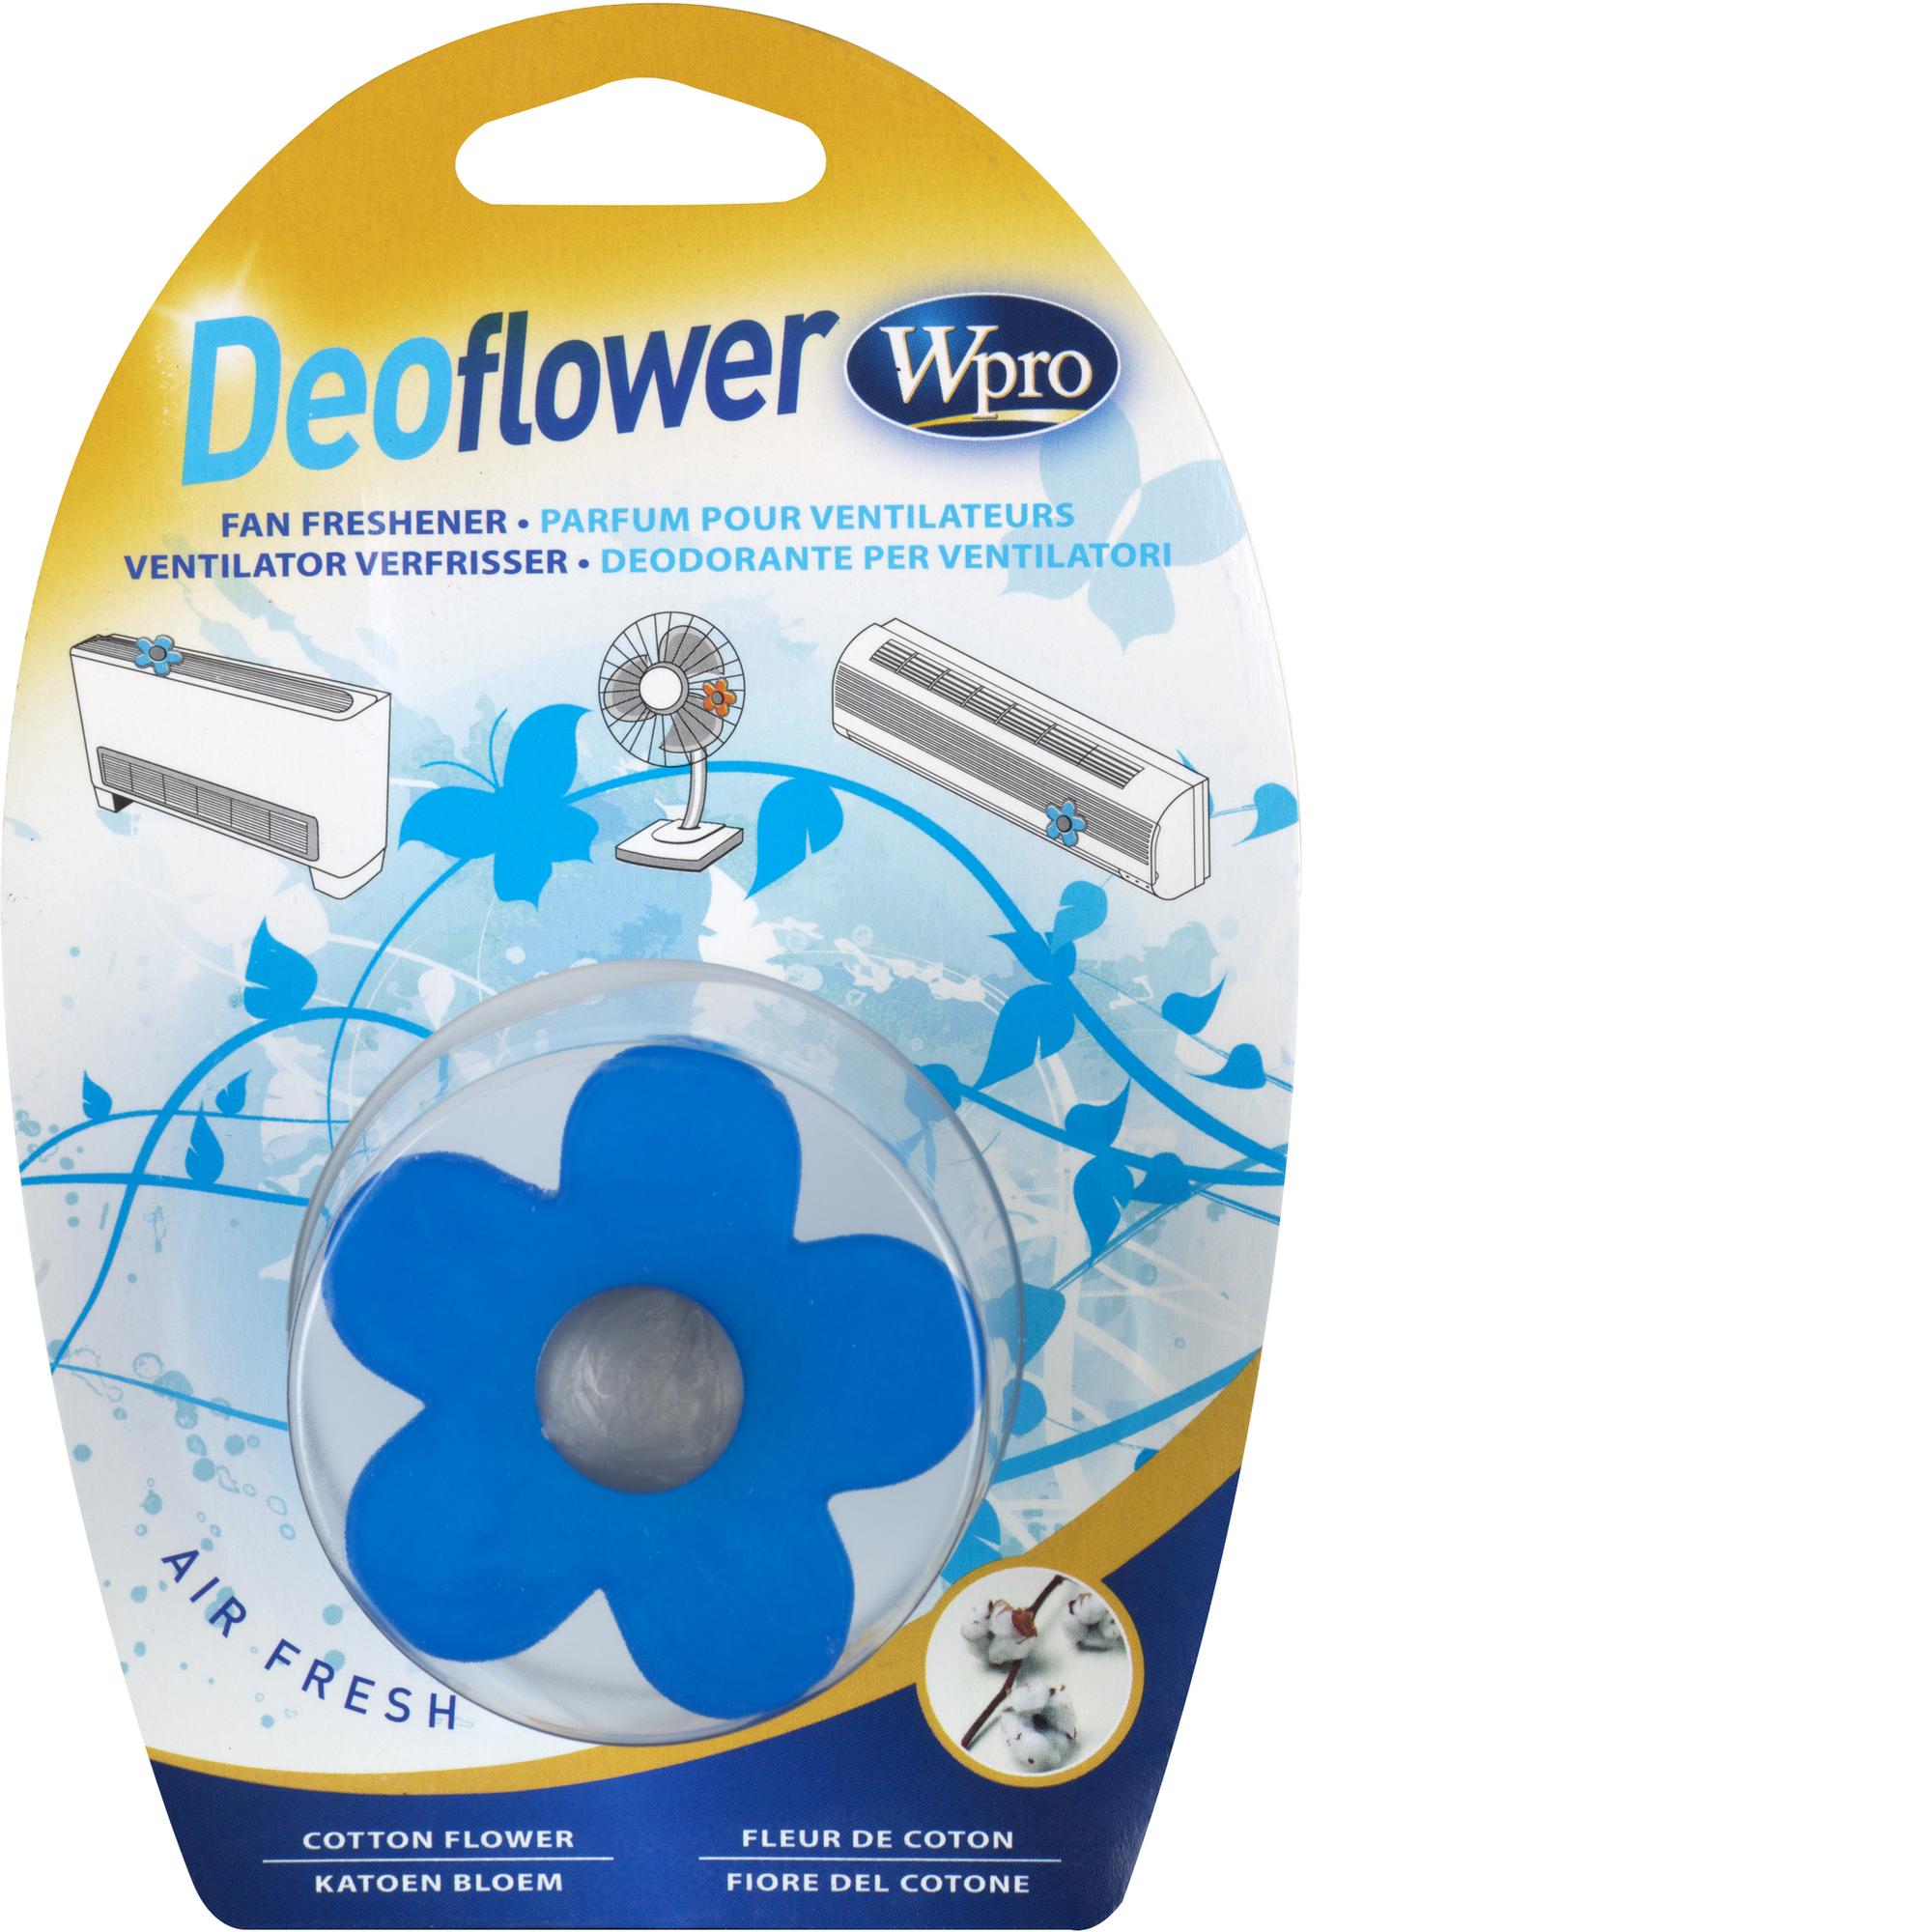 Image of Deoflower - Geurverfrisser Voor Ventilator en Airconditioners - Katoen Airco 480181700915, Dff200